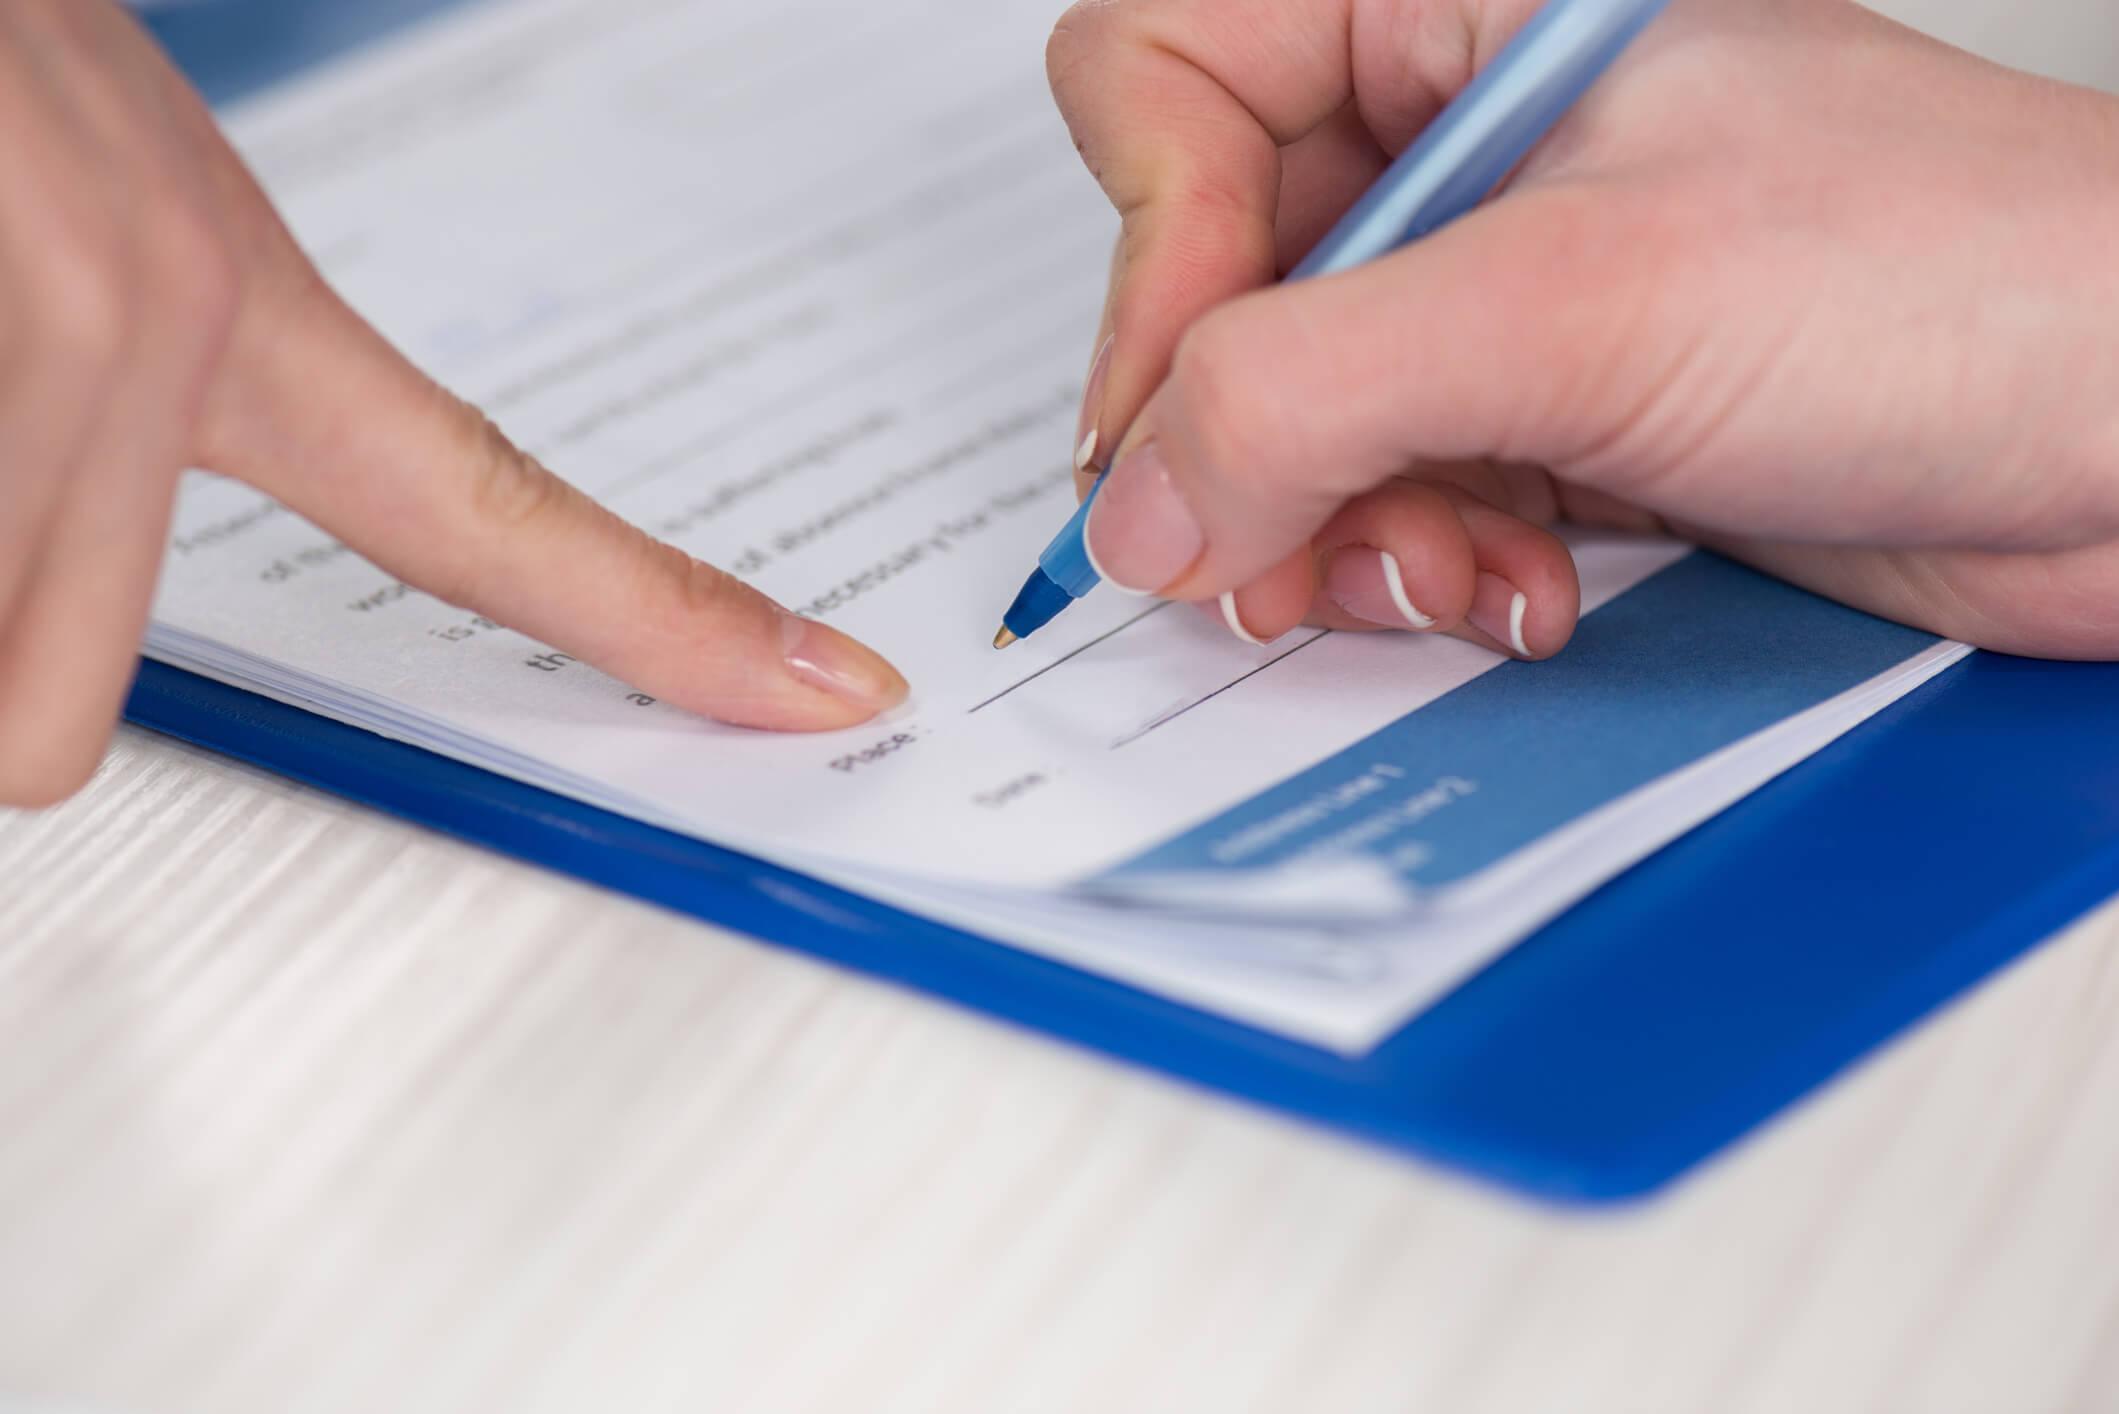 Autorização de cirurgia: o que eu preciso saber?